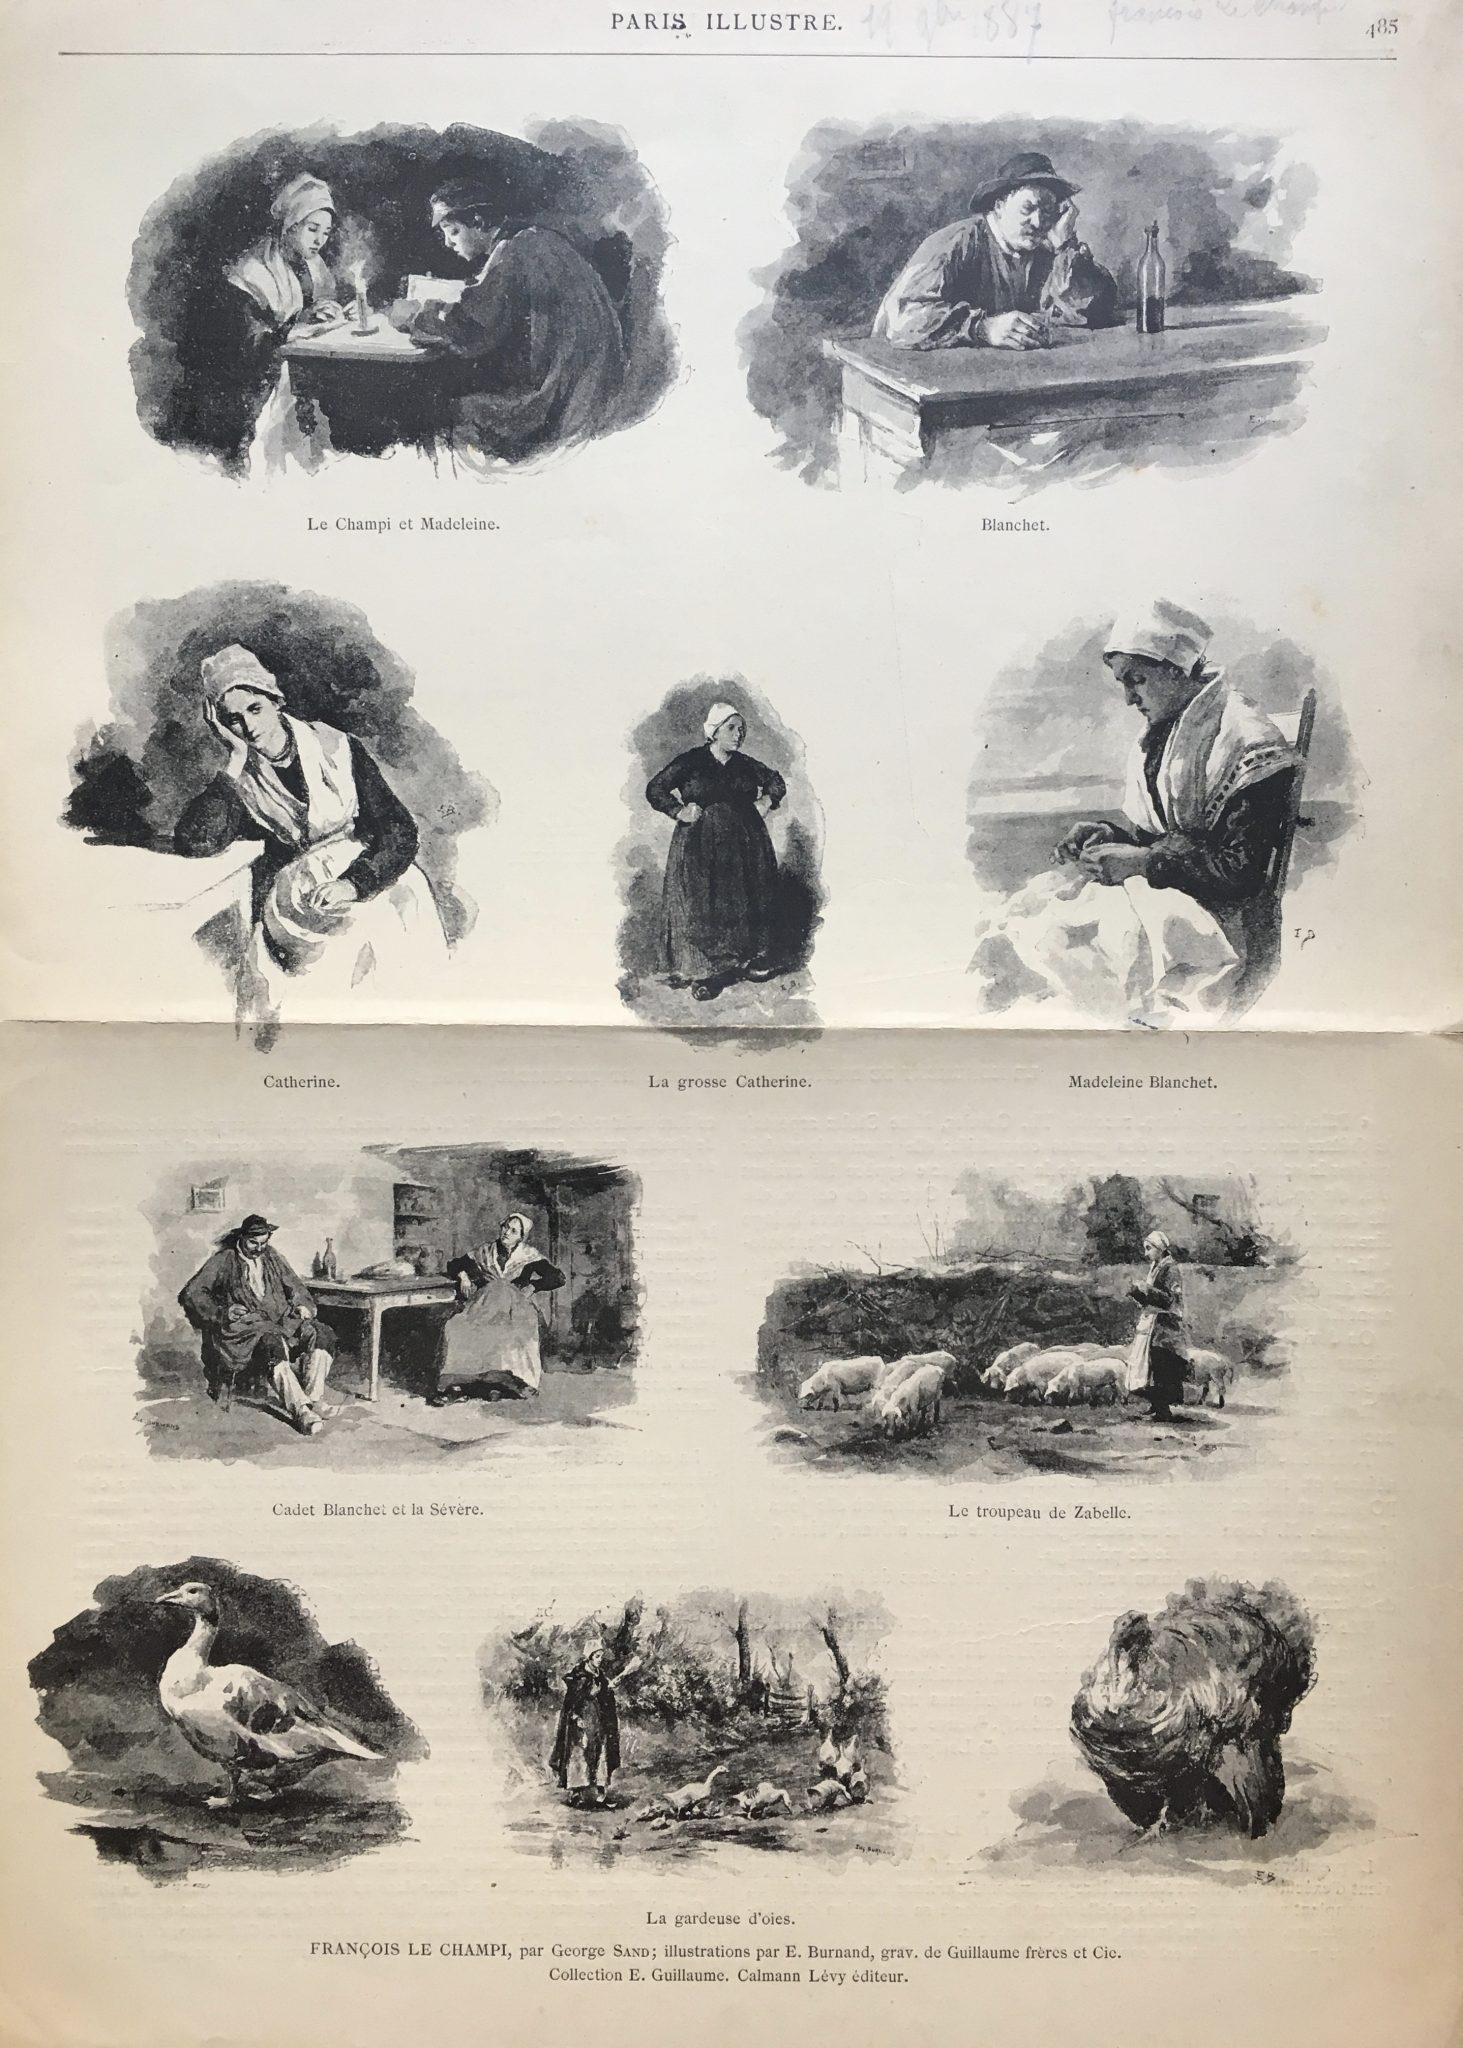 Paris Illustré 1887, François Le Champi